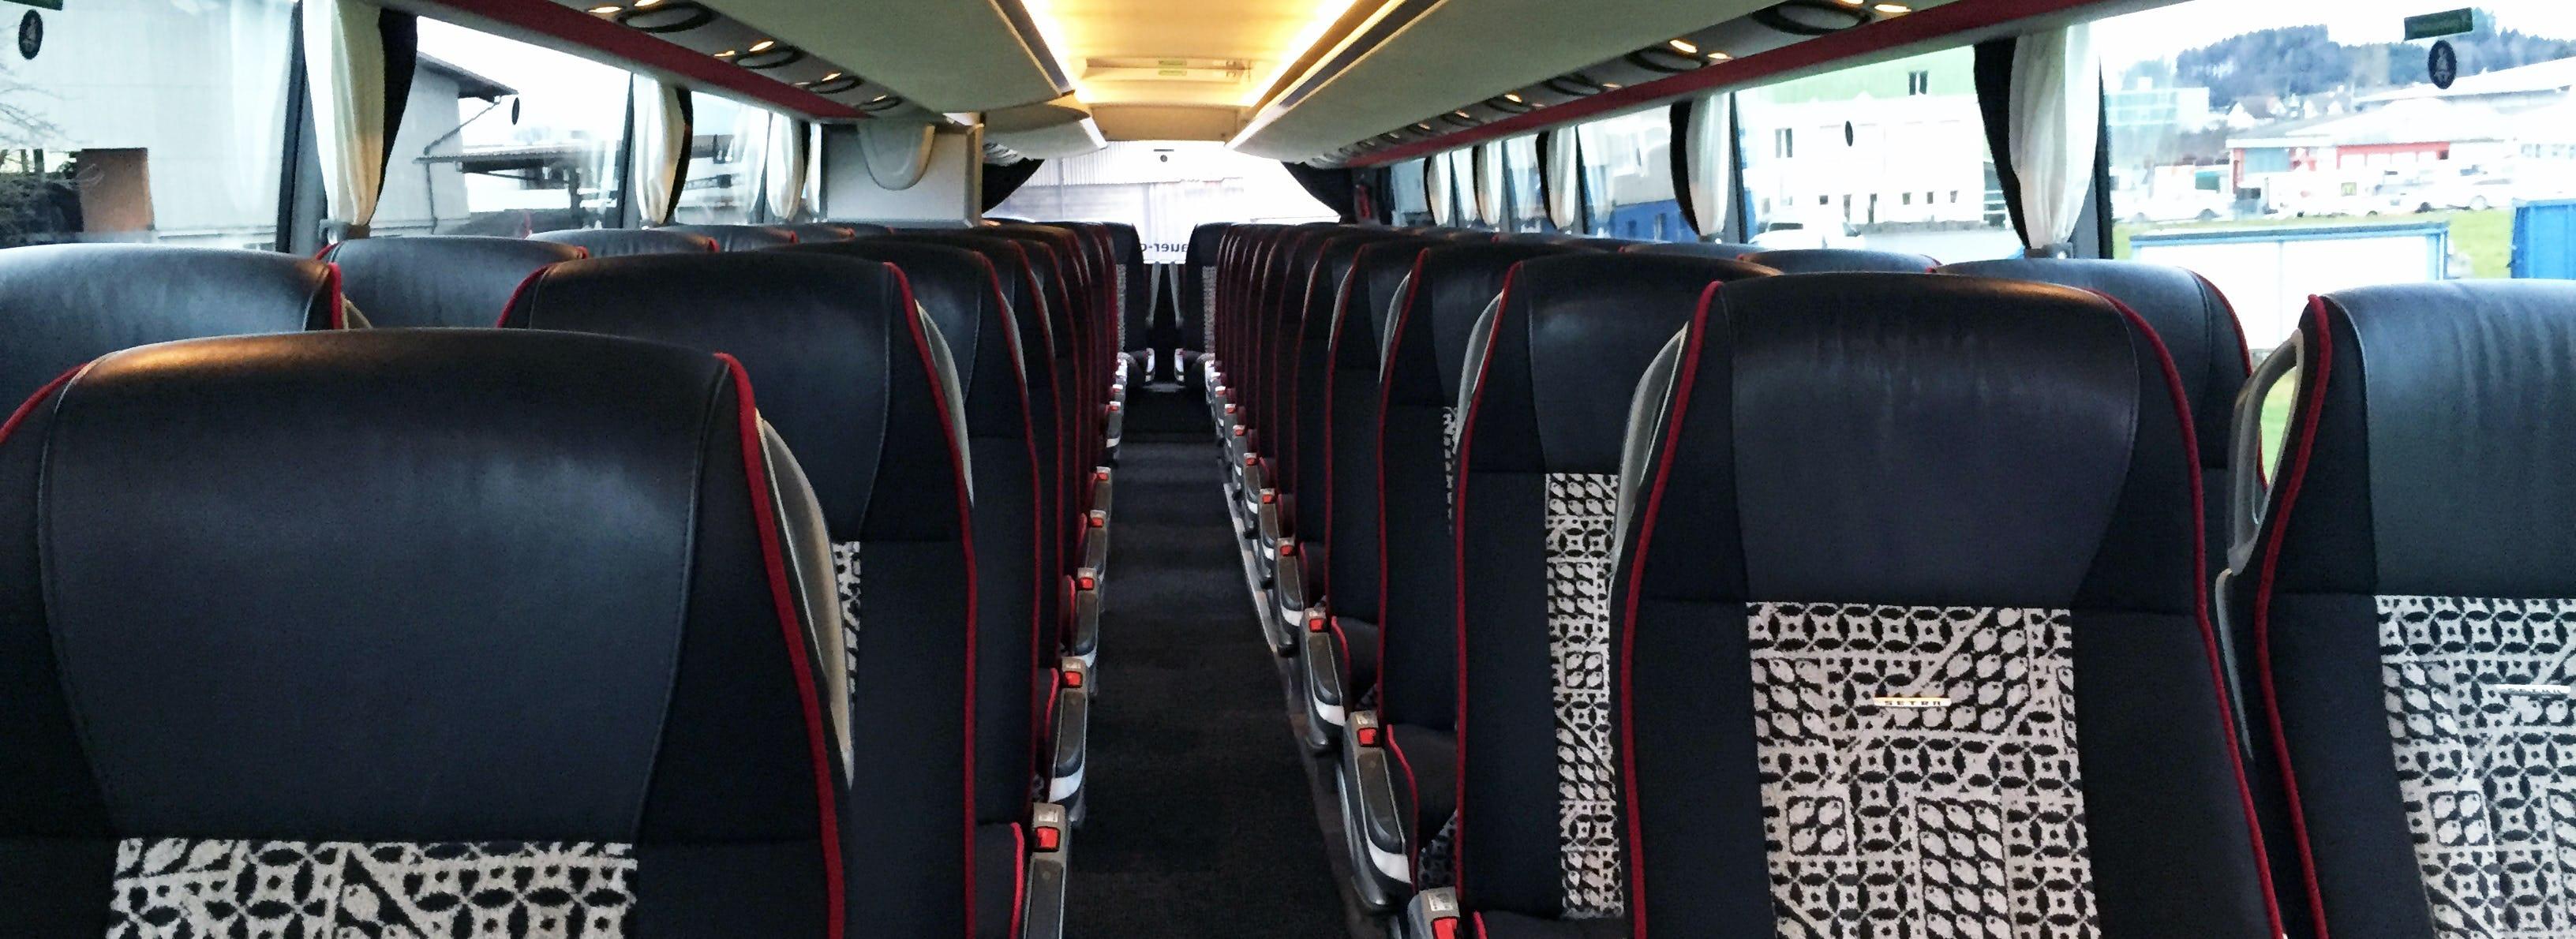 78 Plätzer S 431 DT Sitze unten